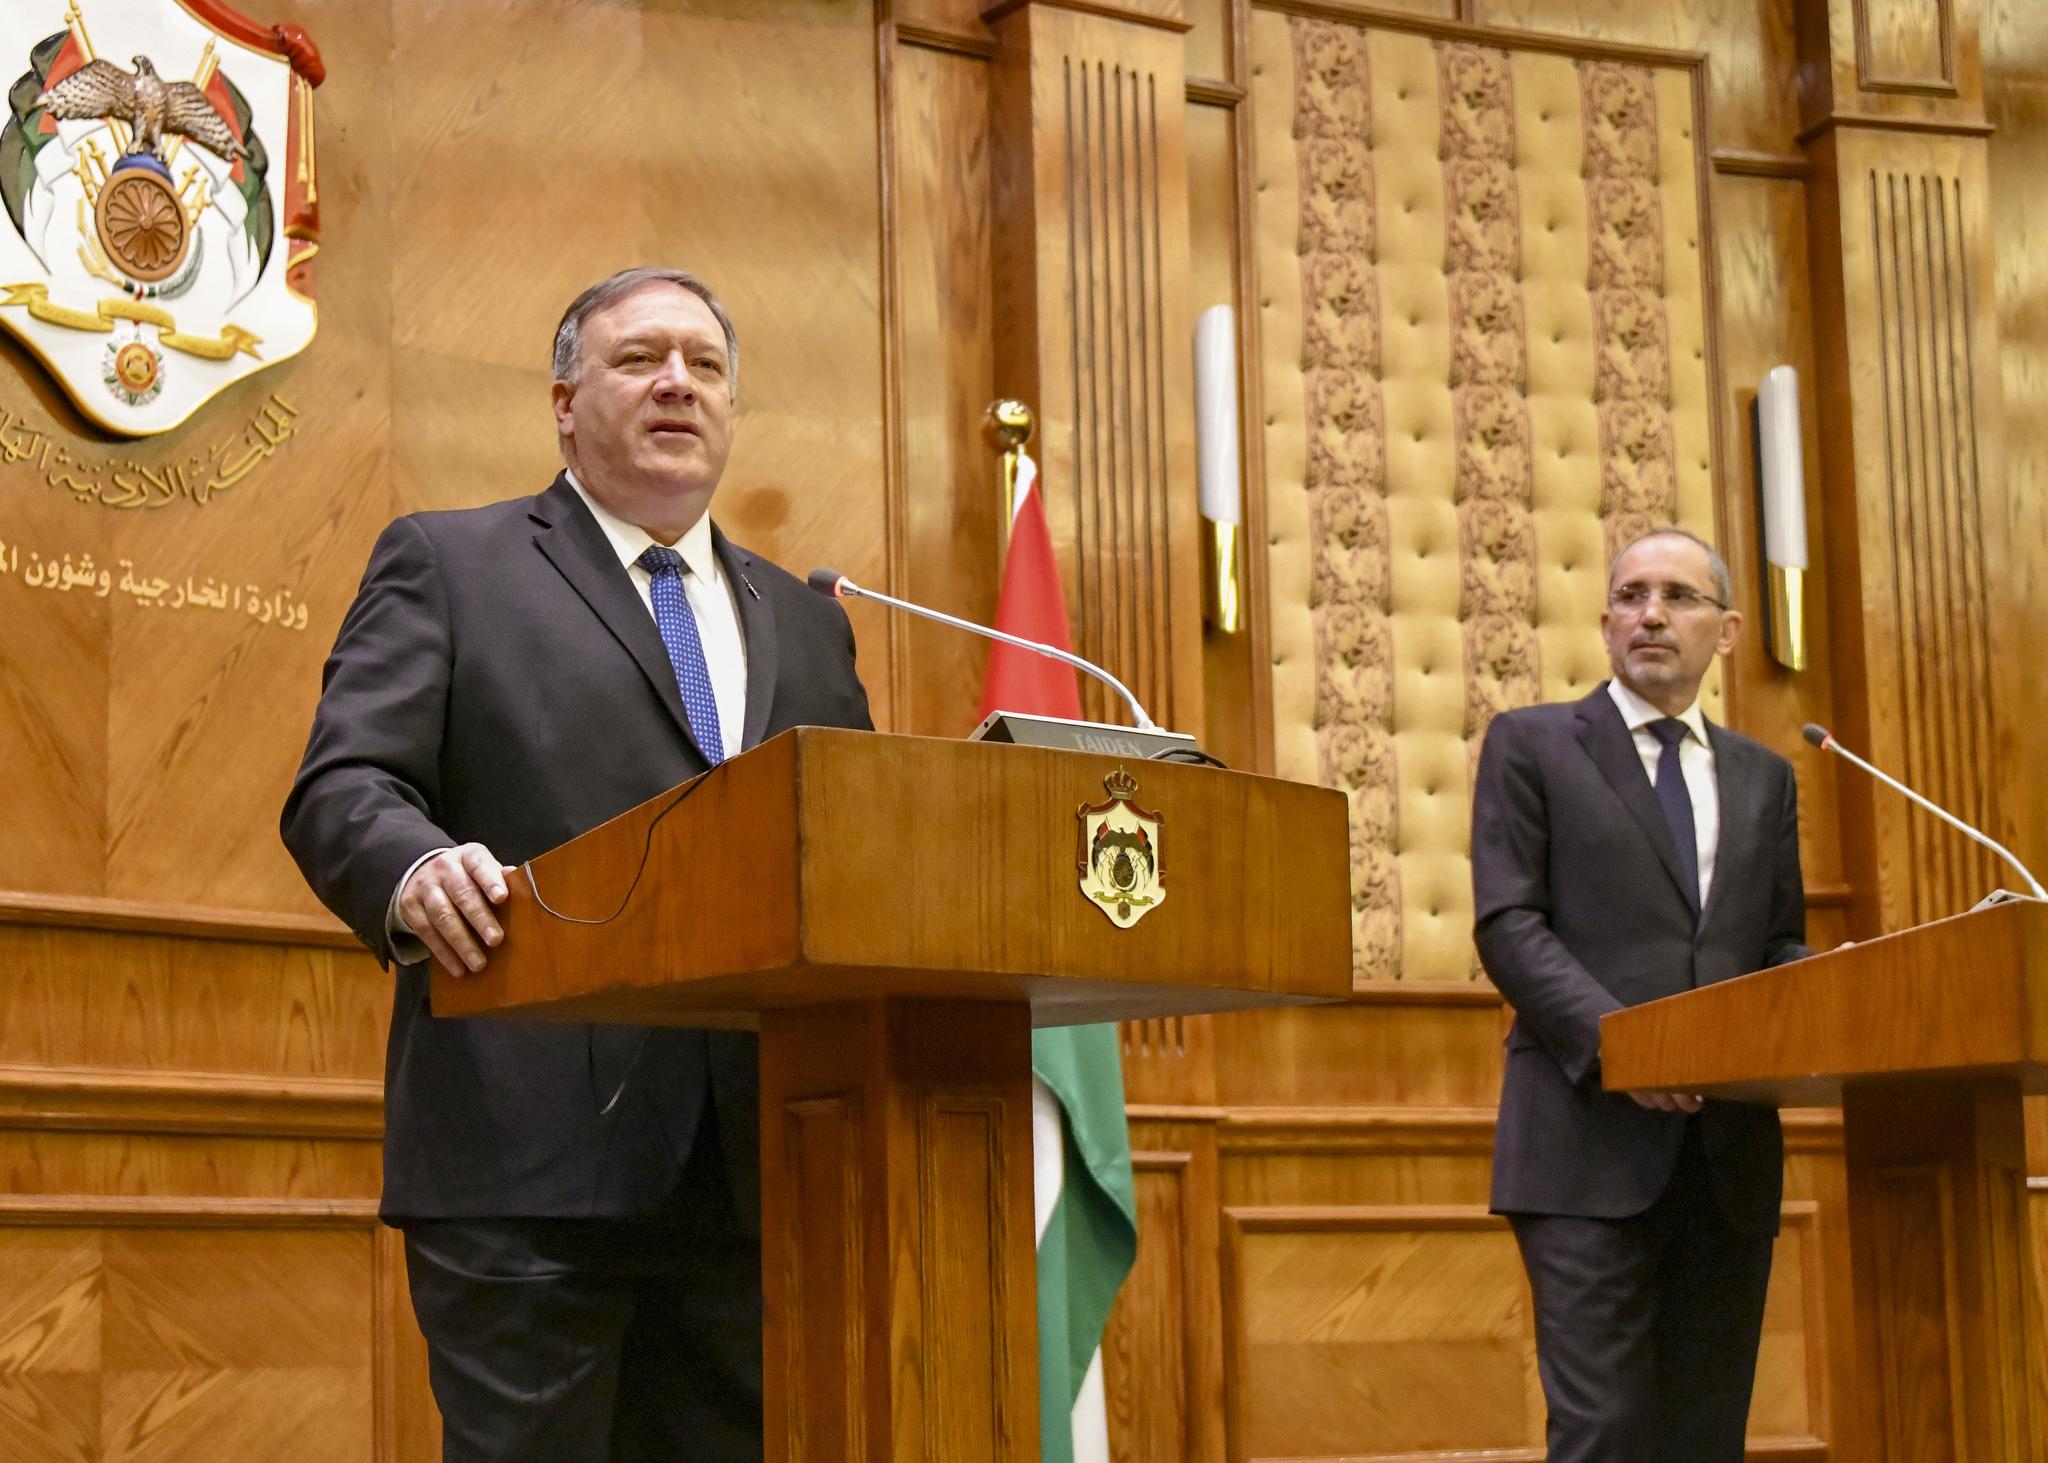 两位官员站在台上(State Dept./Ron Pryzsucha)